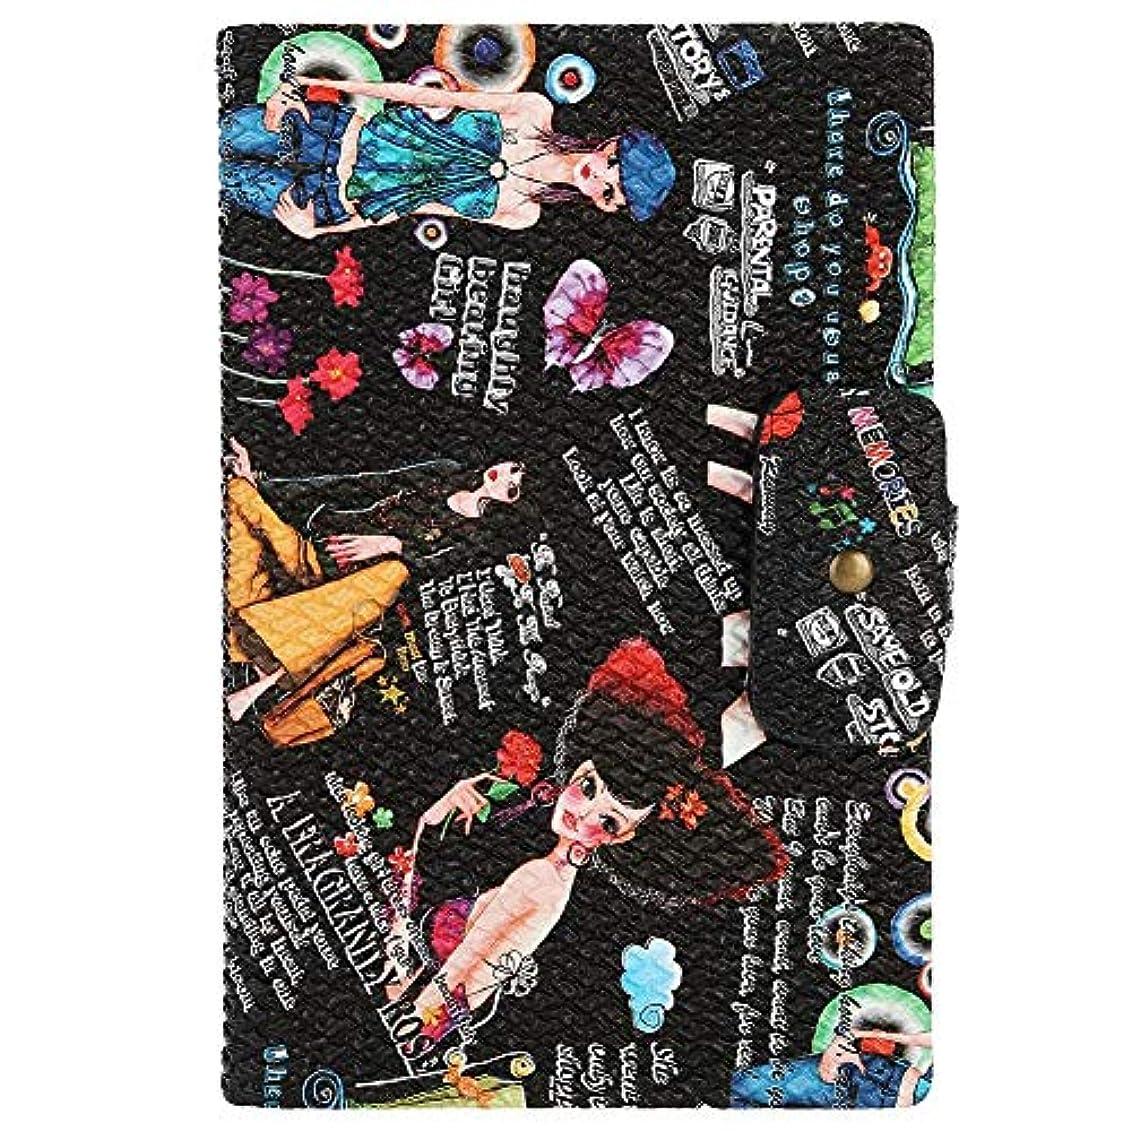 留まるによると旅行代理店ネイルアートディスプレイ カード マニキュア ディスプレイボード UVジェルディスプレイカードマニキュア練習ツール(02)